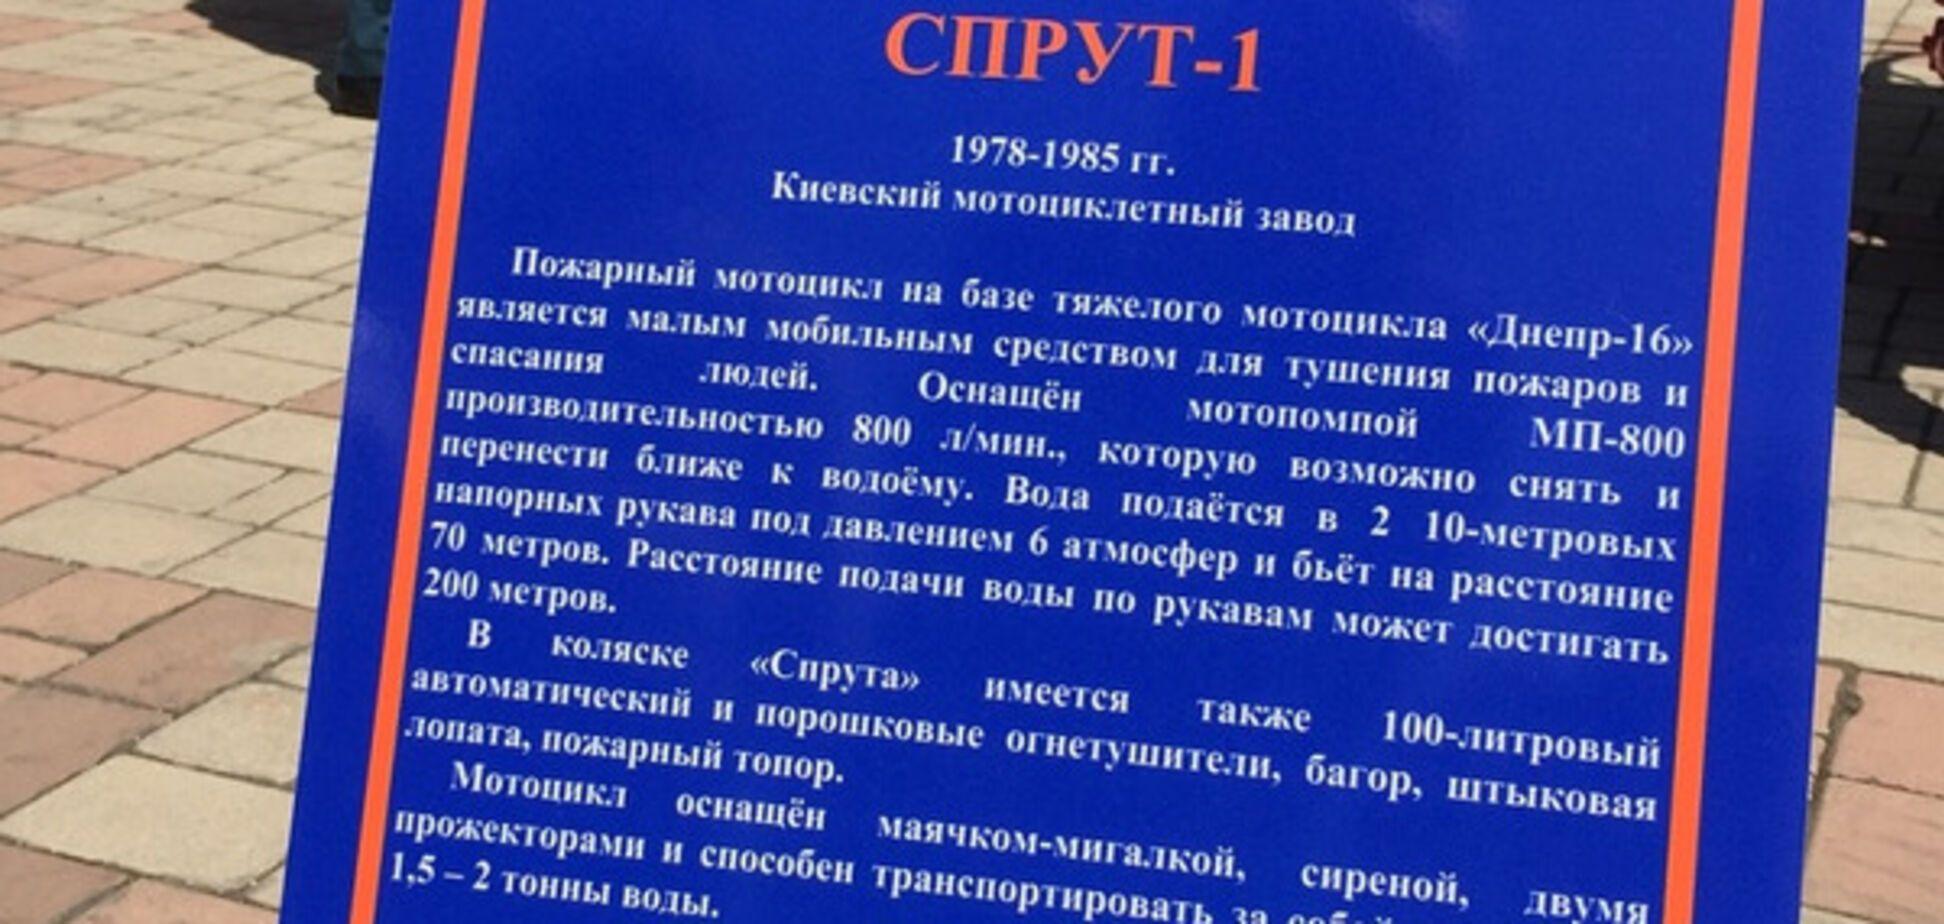 Спрут-1